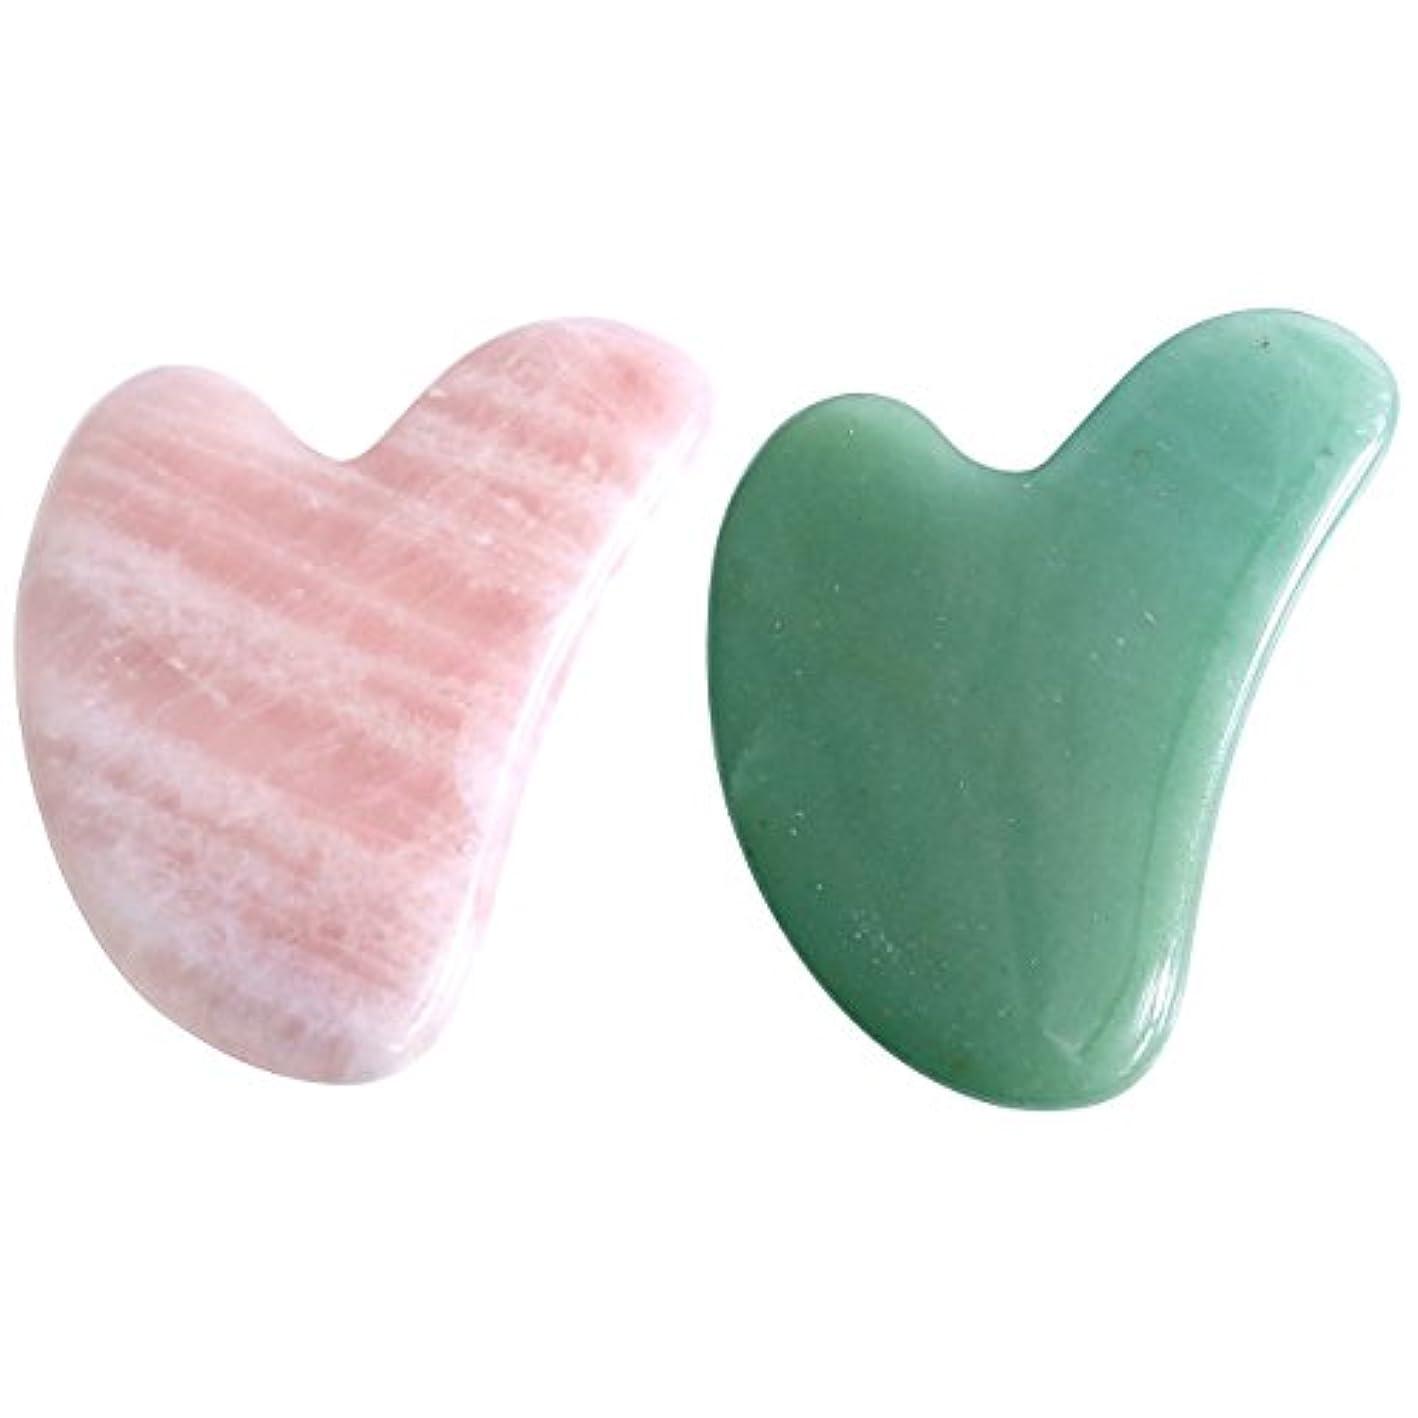 東ティモール通知異邦人2点セット2pcsFace / Body Massage rose quartz/ Adventurine heart shape Gua Sha 心臓の/ハート形状かっさプレート 天然石ローズクォーツ 翡翠,顔?ボディ...